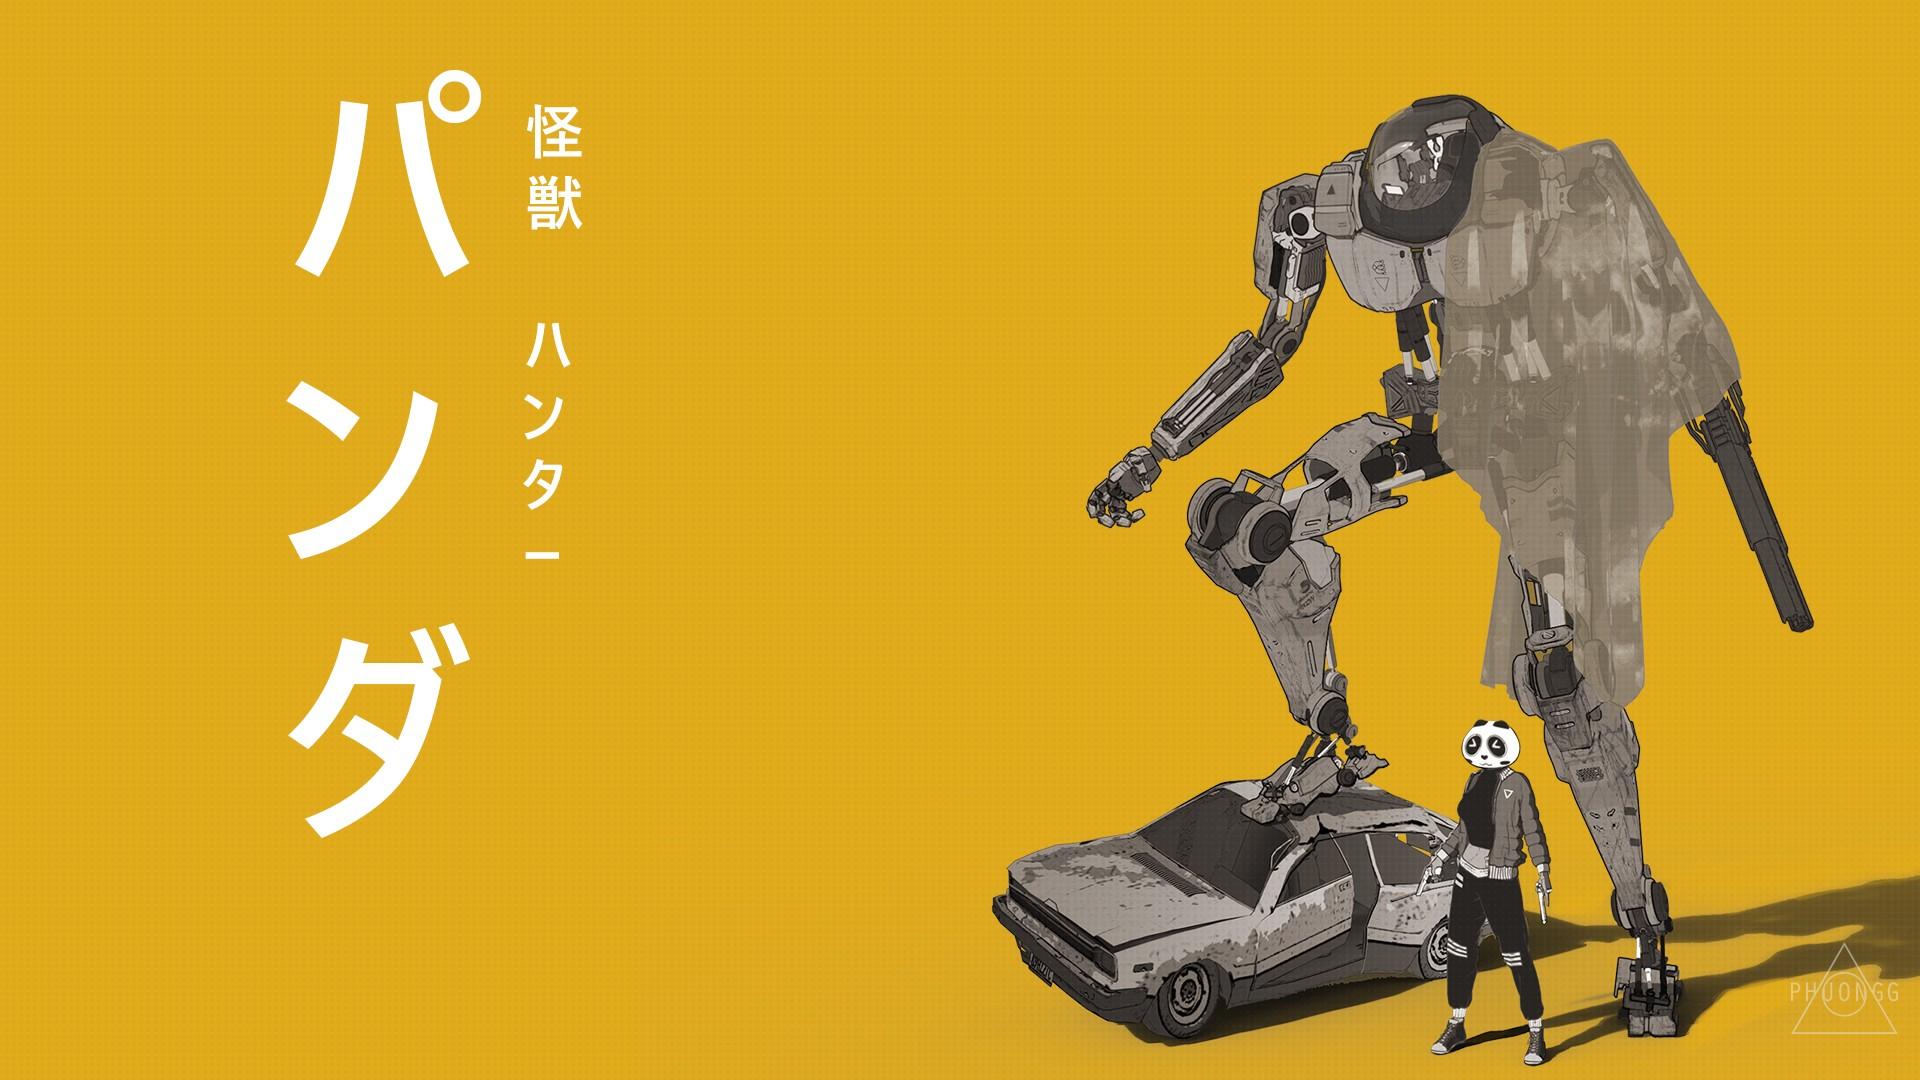 Sfondi disegno illustrazione robot manga giallo cartone